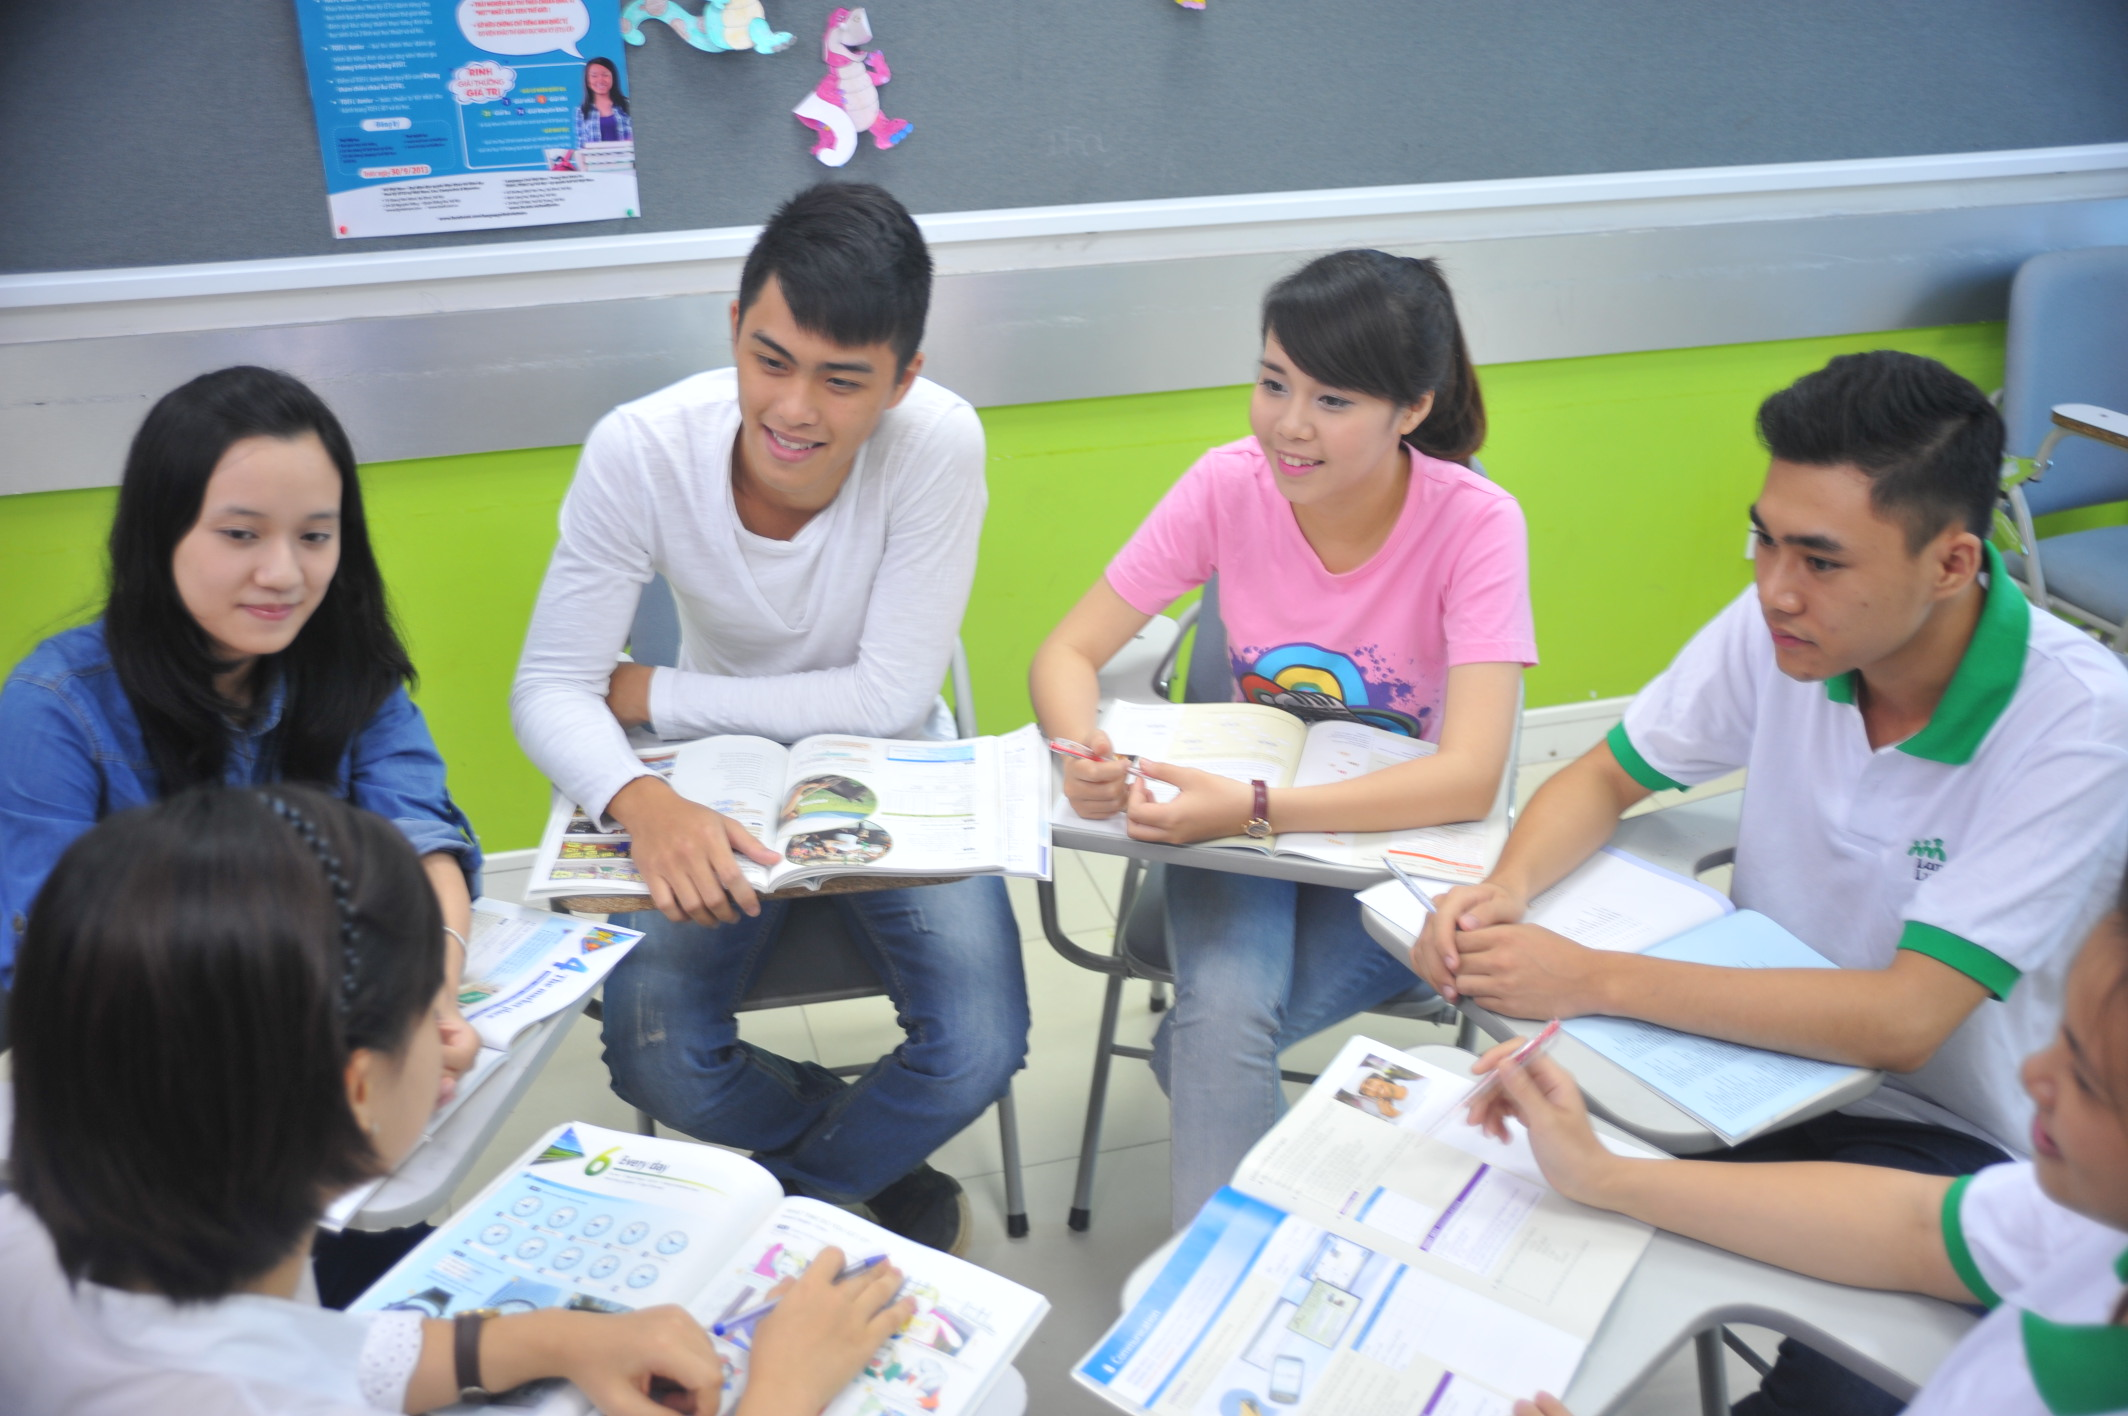 Sẽ mở rộng giảng dạy môn Kinh doanh trong trường phổ thông